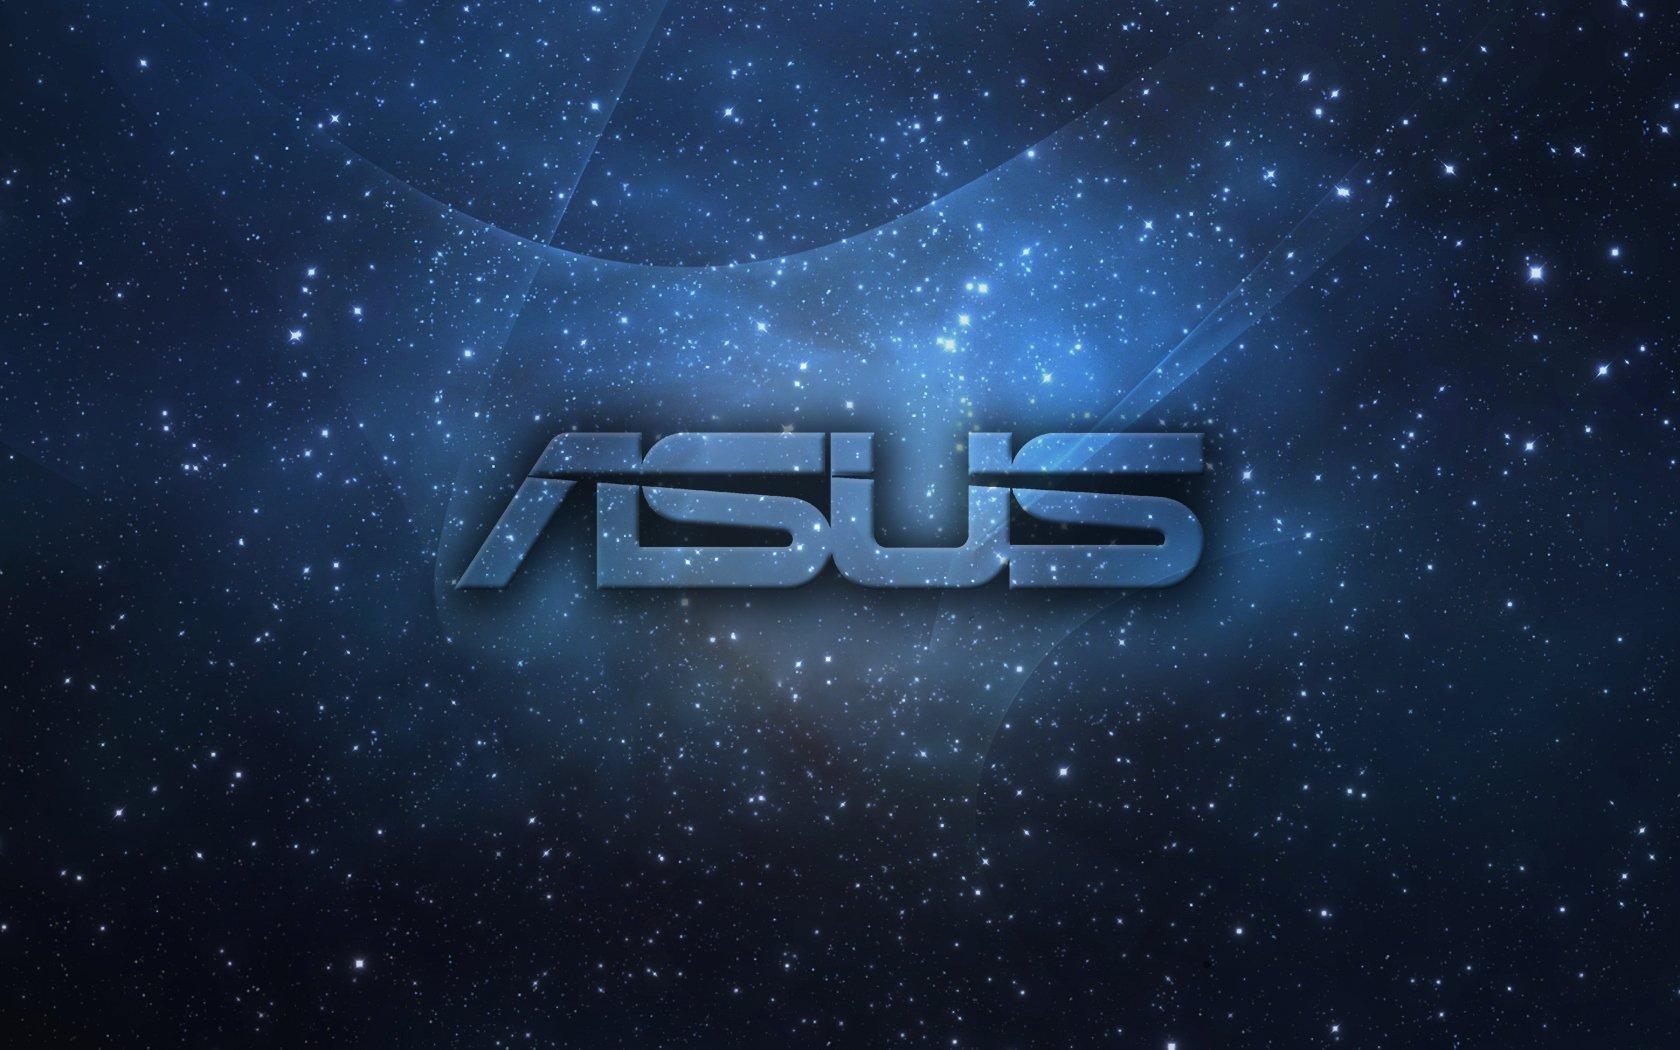 Asus Blue Wallpaper: Asus Hd Wallpaper